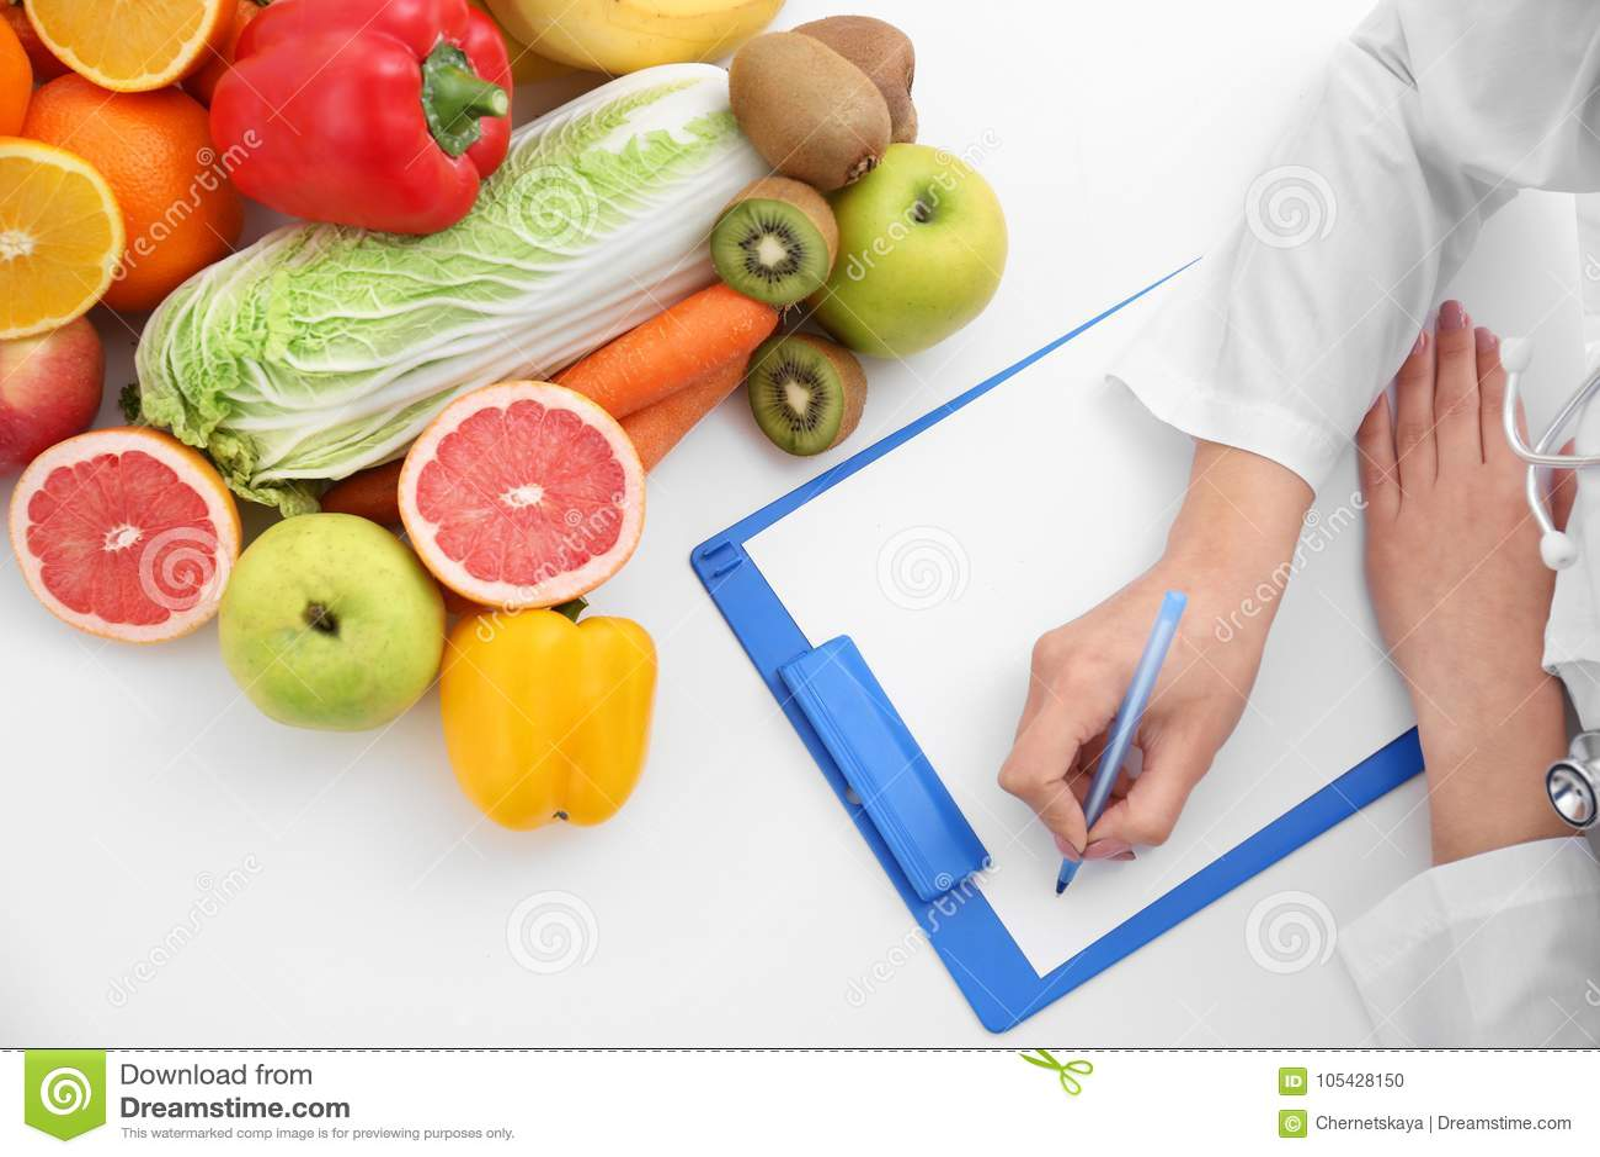 piani di consegna dieta vegana